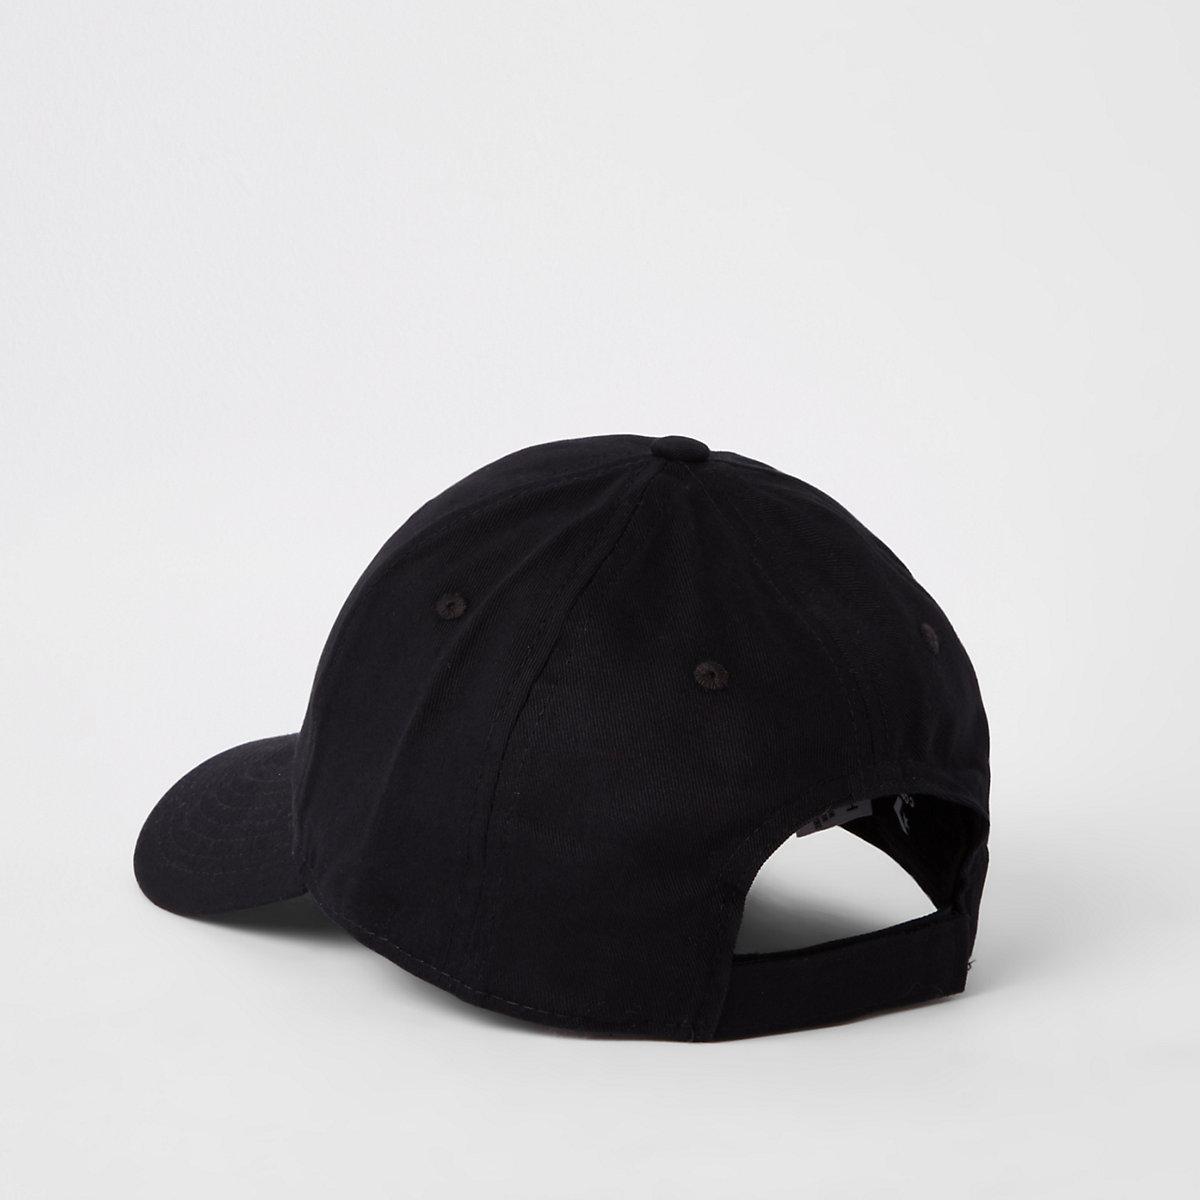 Boys Converse black cap - Hats - Accessories - boys 9613cf9ade9